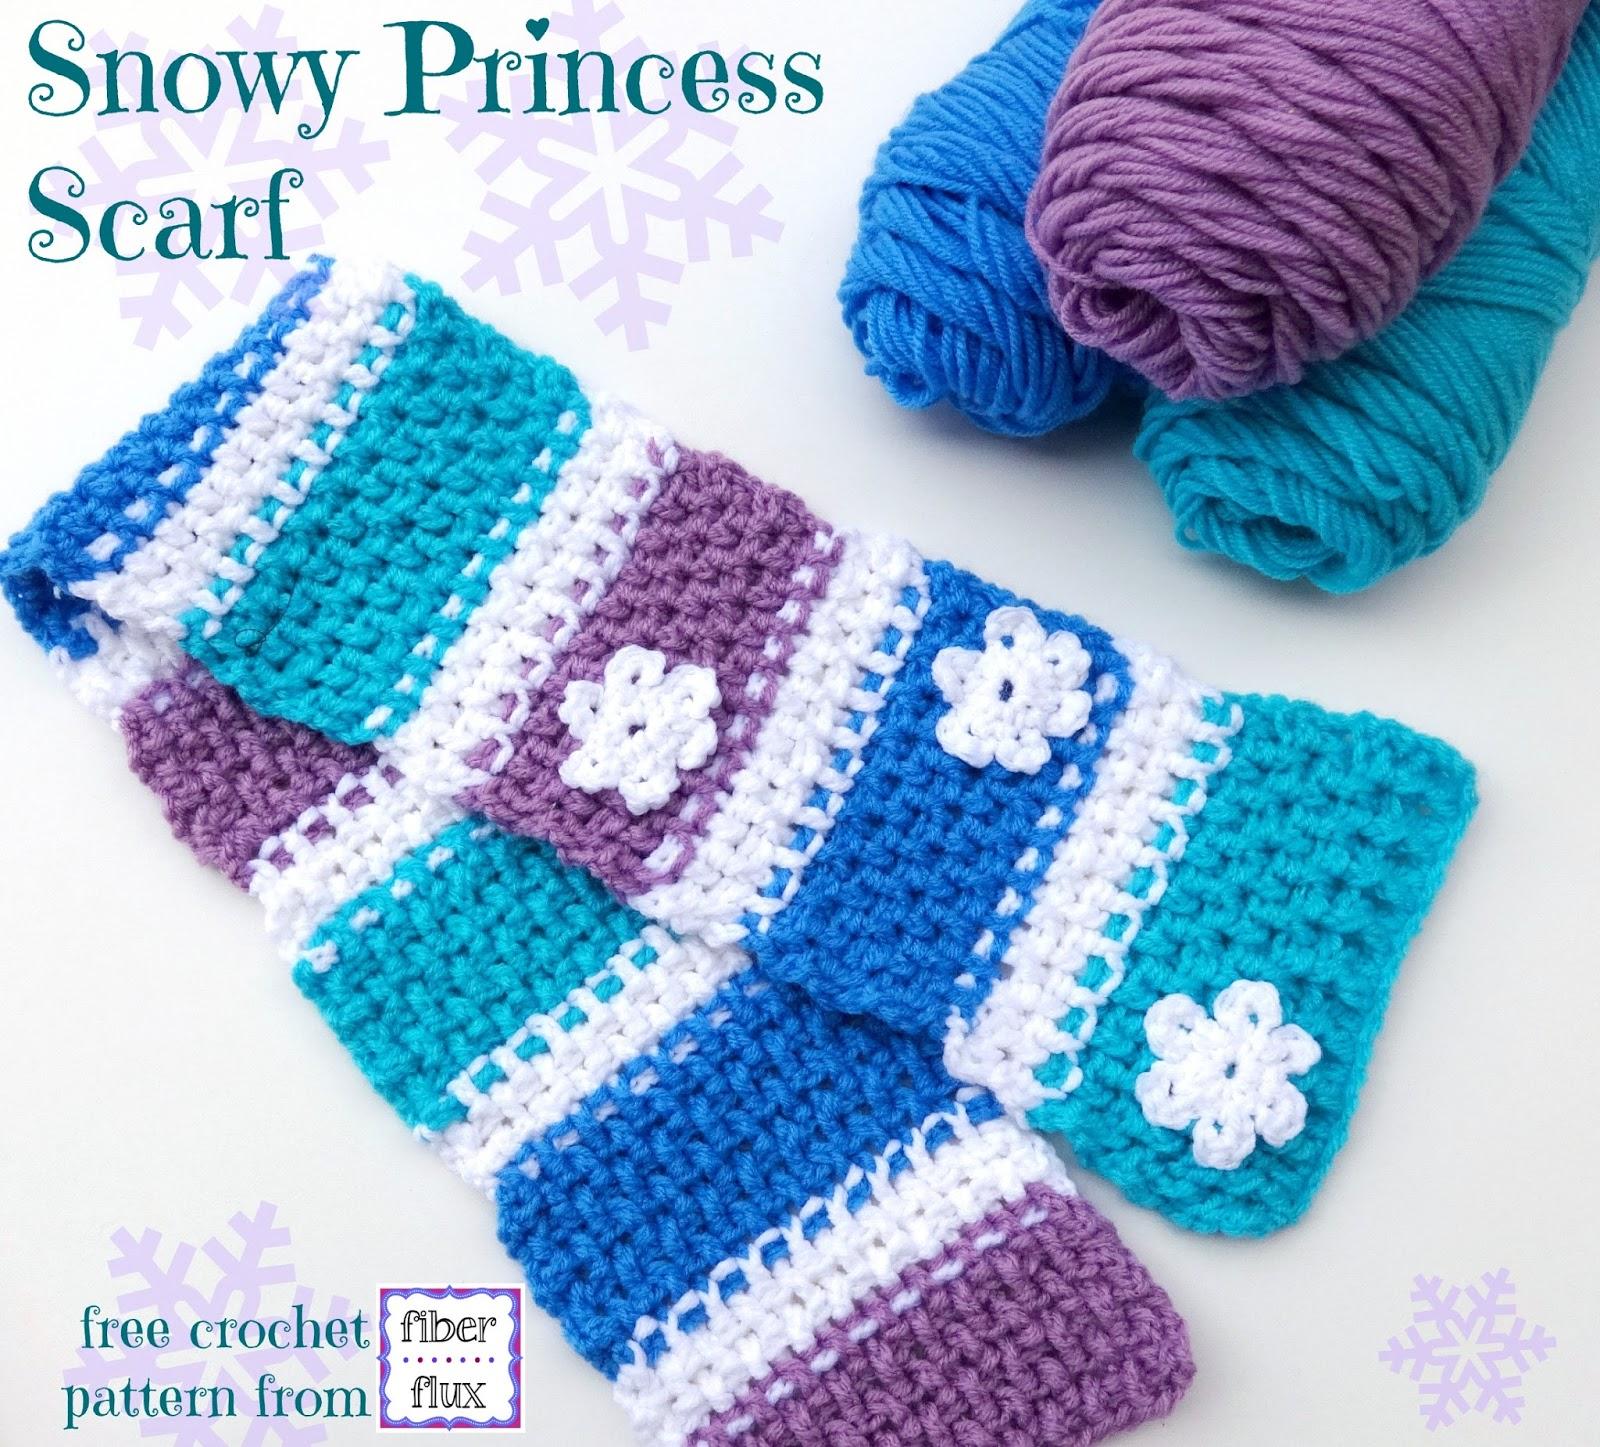 Fiber Flux: Free Crochet Pattern...Snowy Princess Scarf!